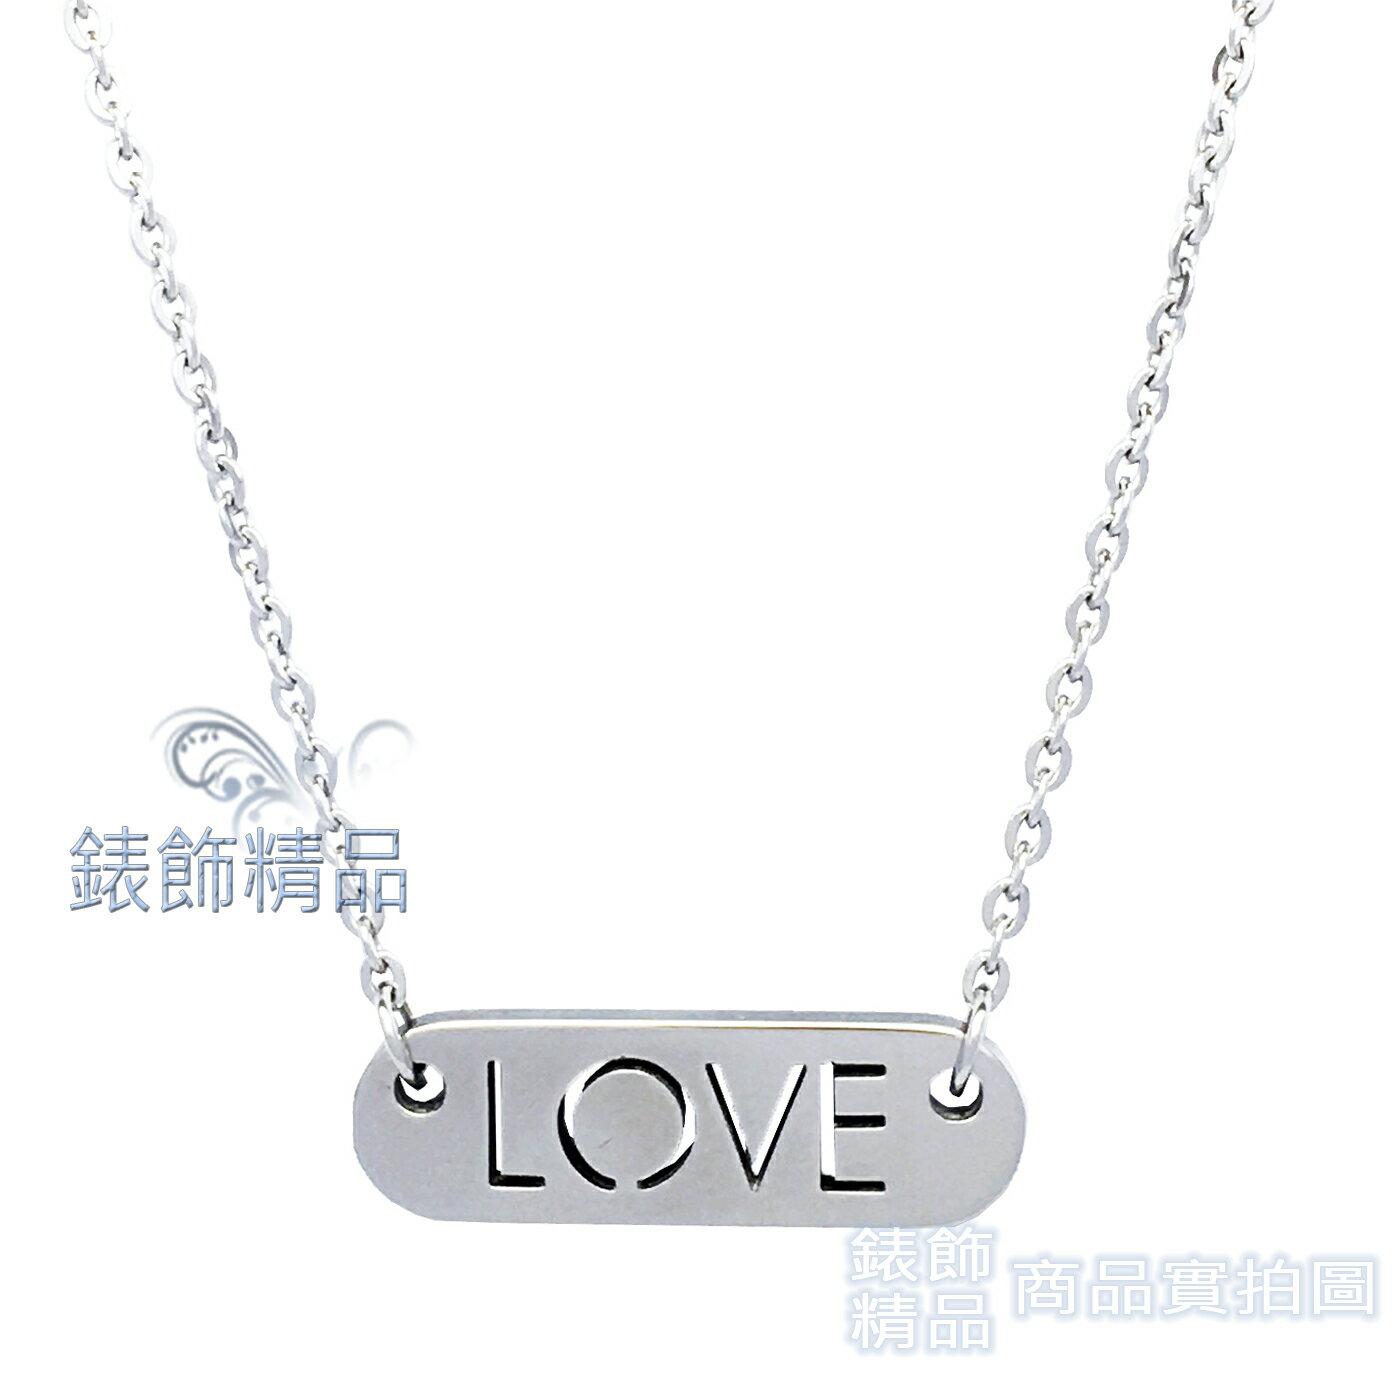 【錶飾精品】CK飾品 KJ7CMN000200 ck LOVE女性項鍊-銀Calvin Klein 316L白鋼